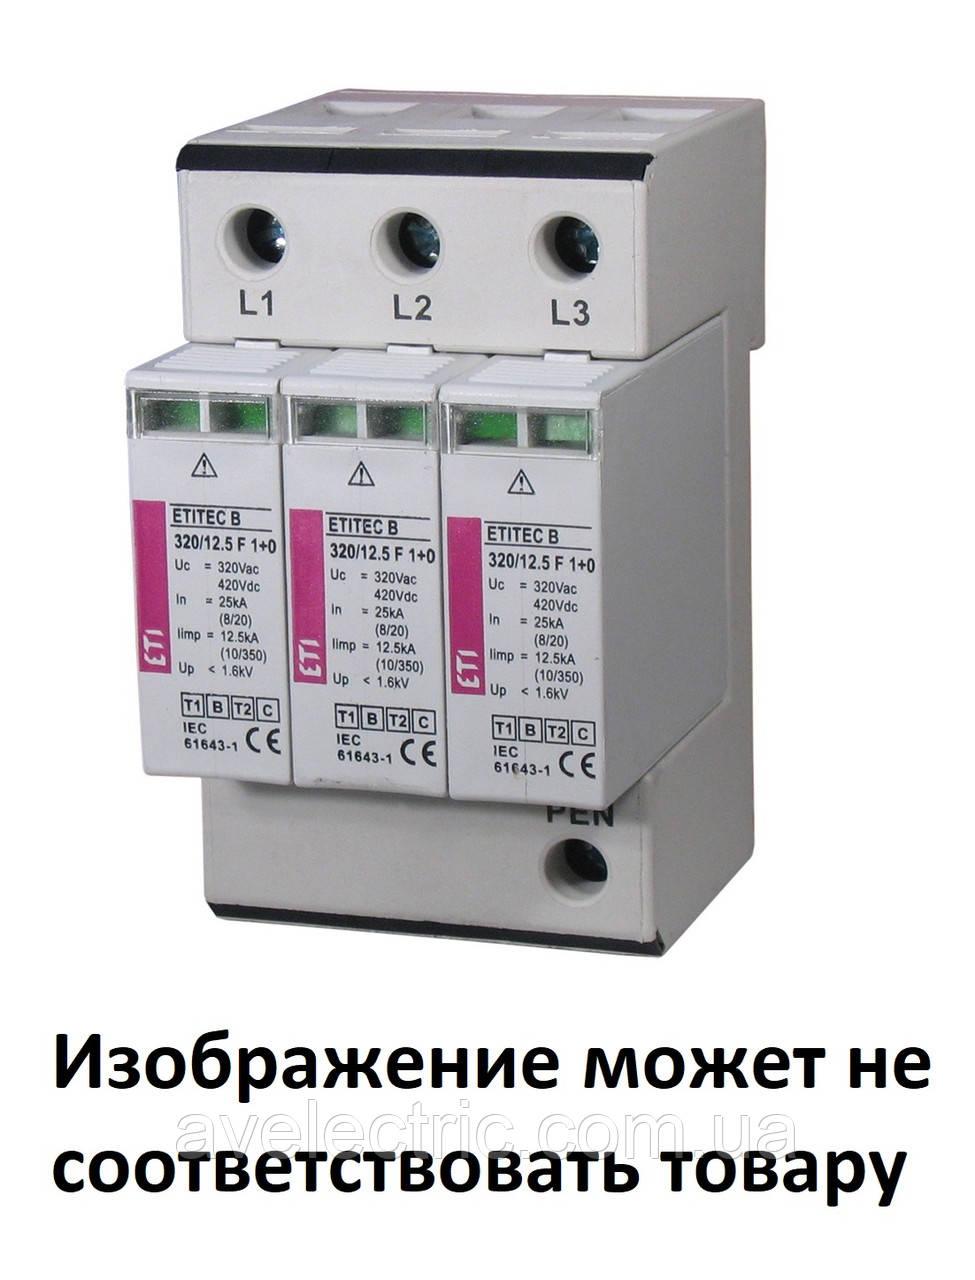 Ограничитель перенапряжения ETITEC S B 440/25 (1+1, 4p, TT) RC